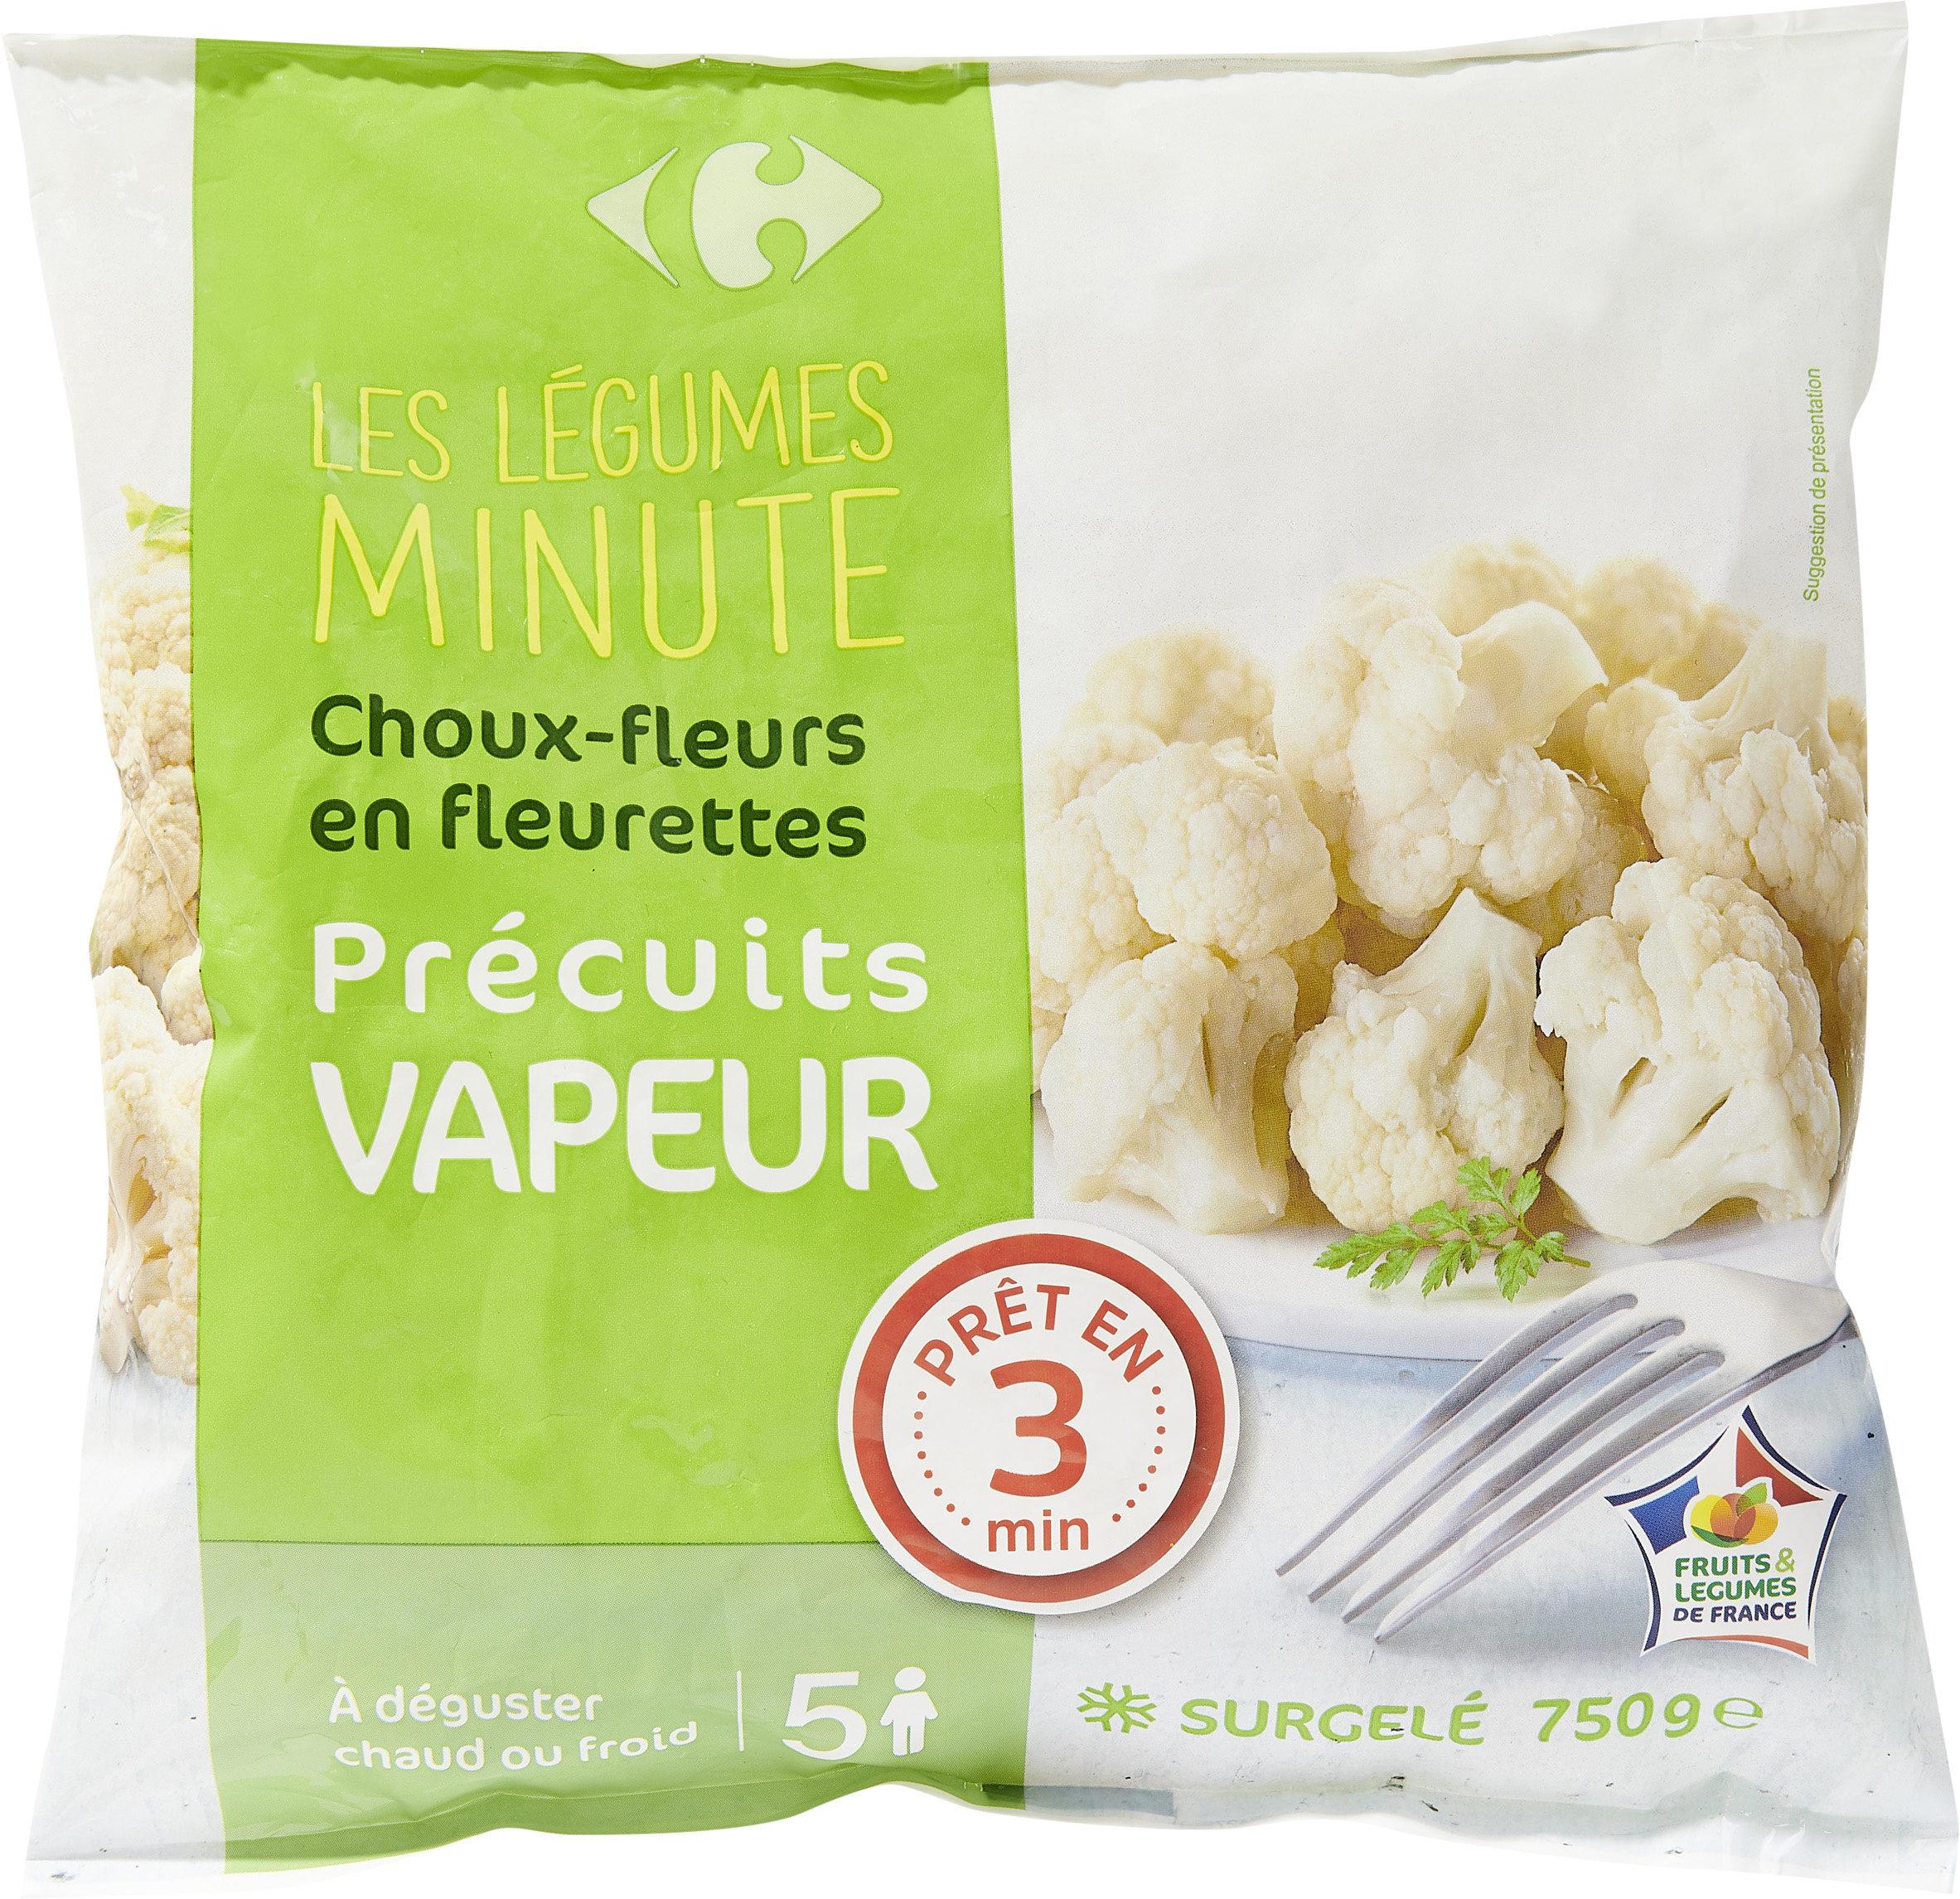 Les légumes minuteChoux-fleurs en fleurettes - Product